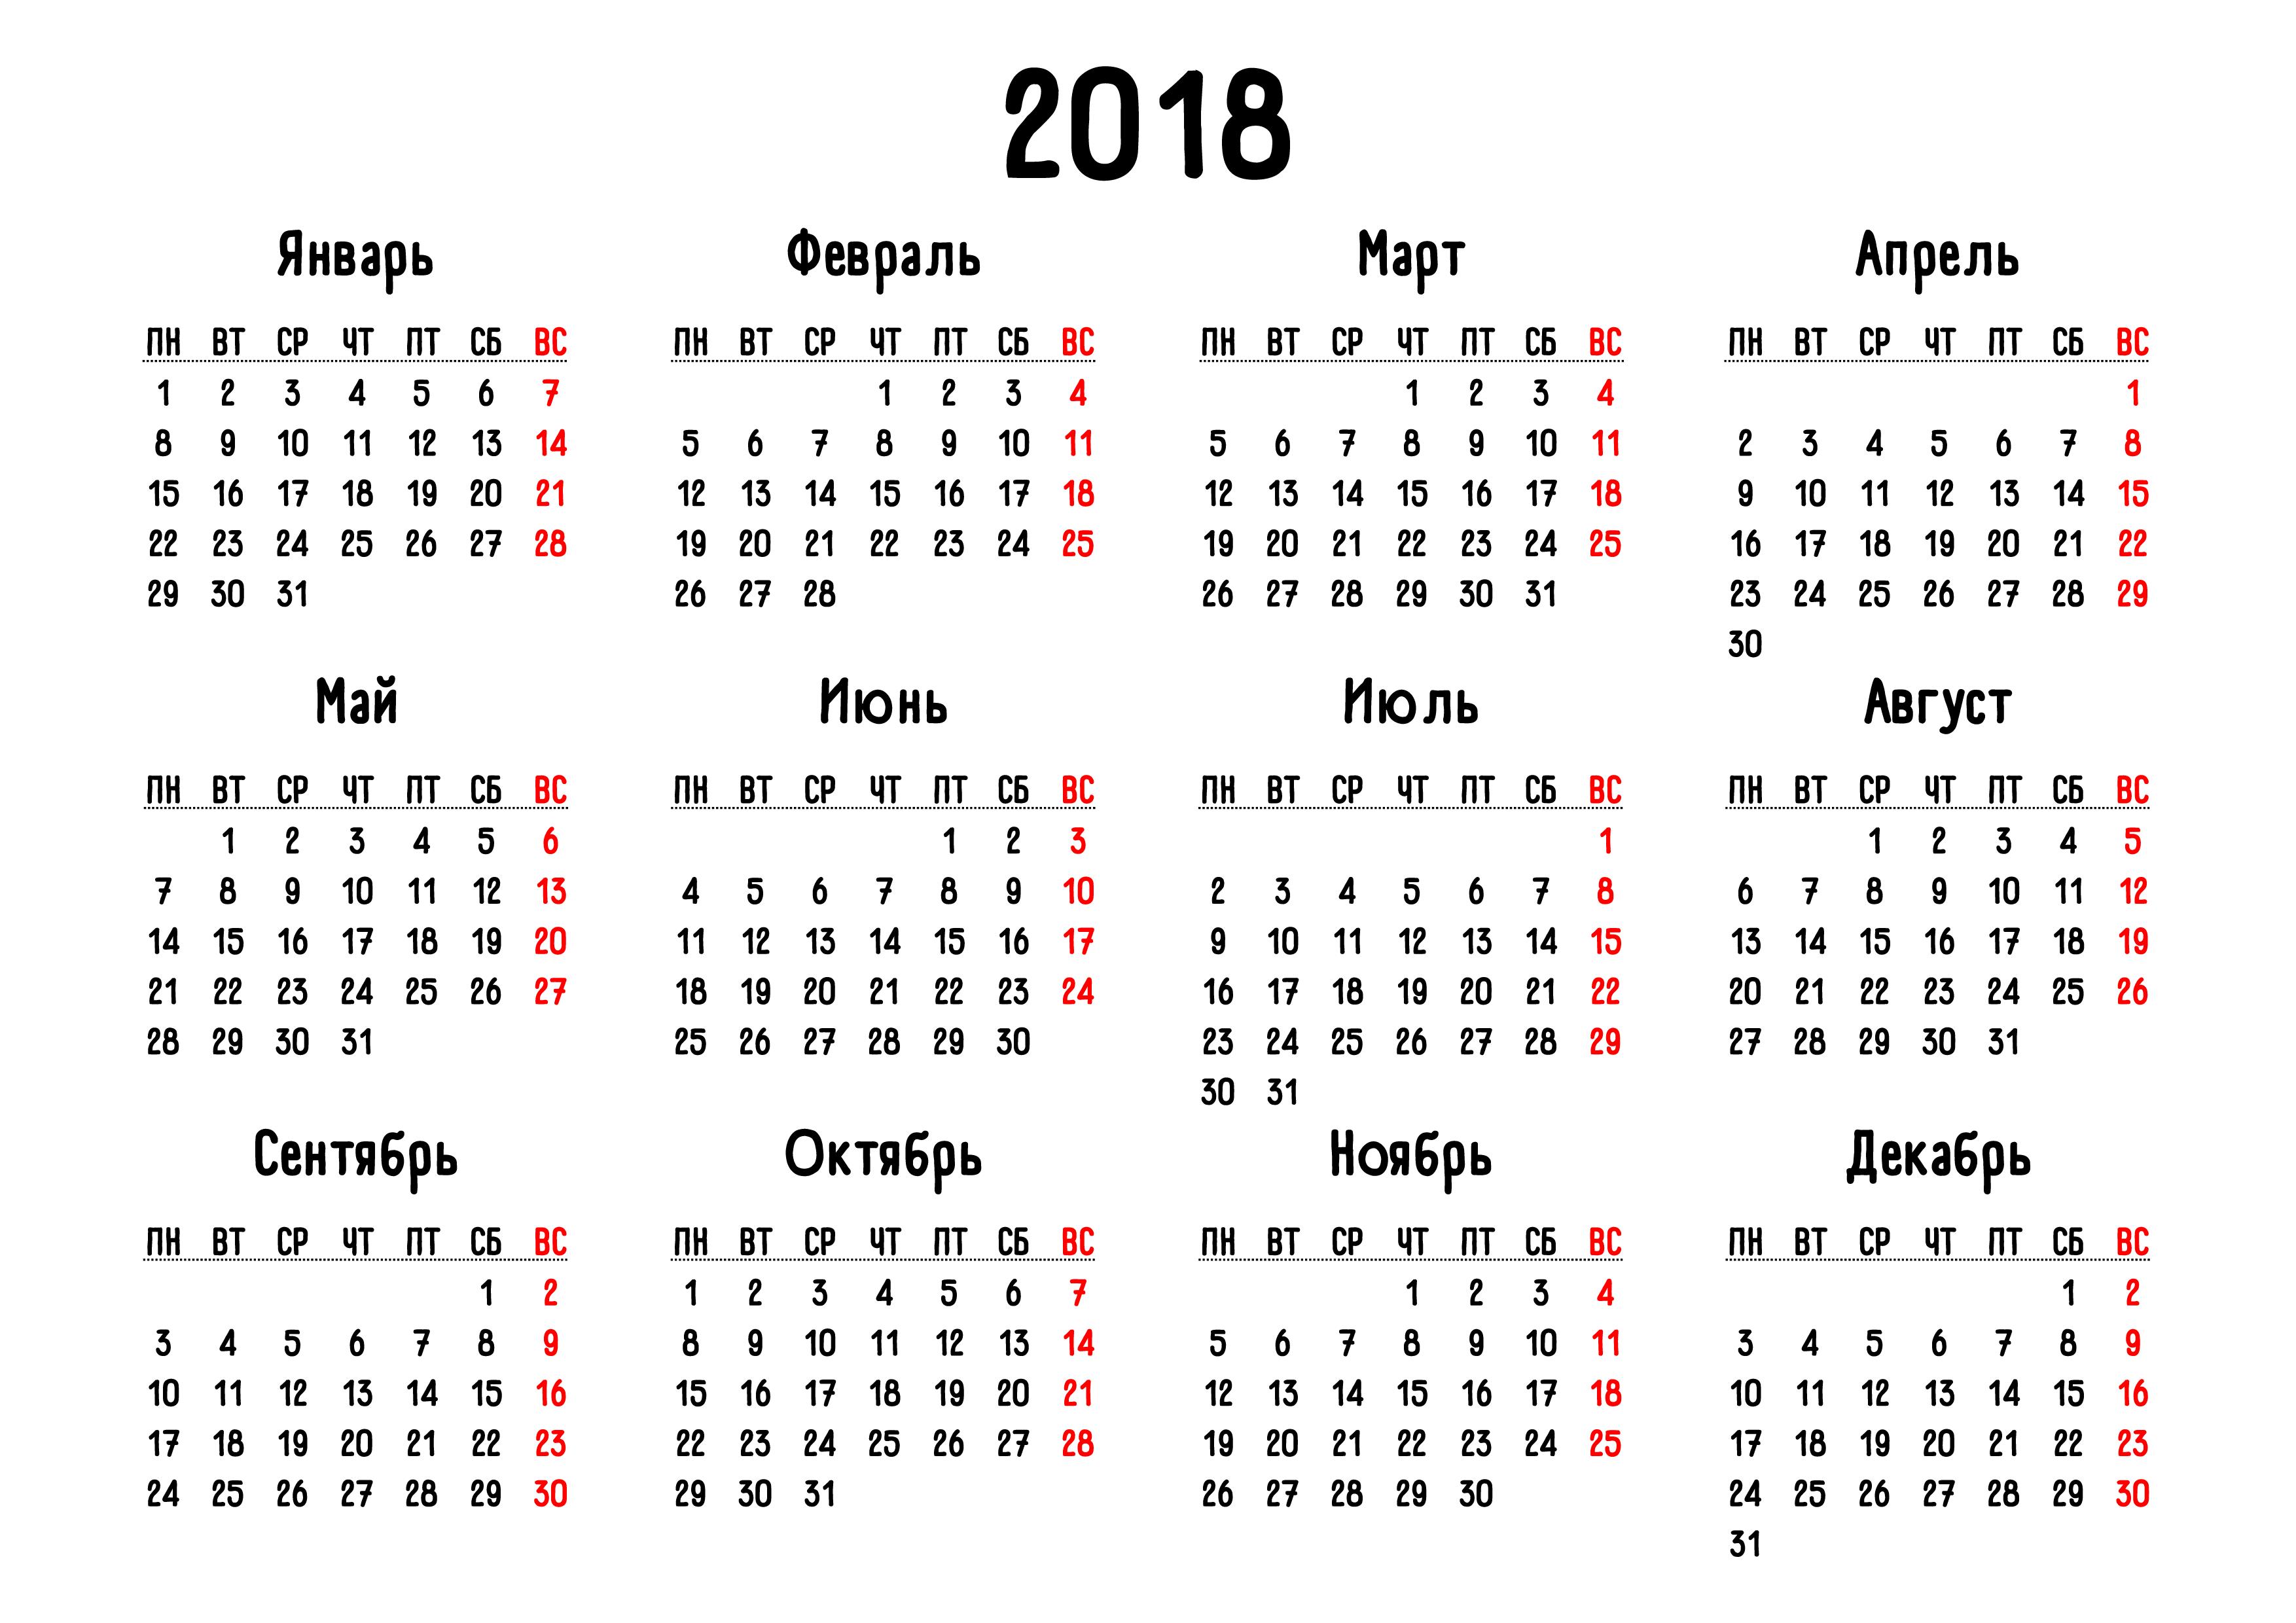 Сколько в 2018 году недель?